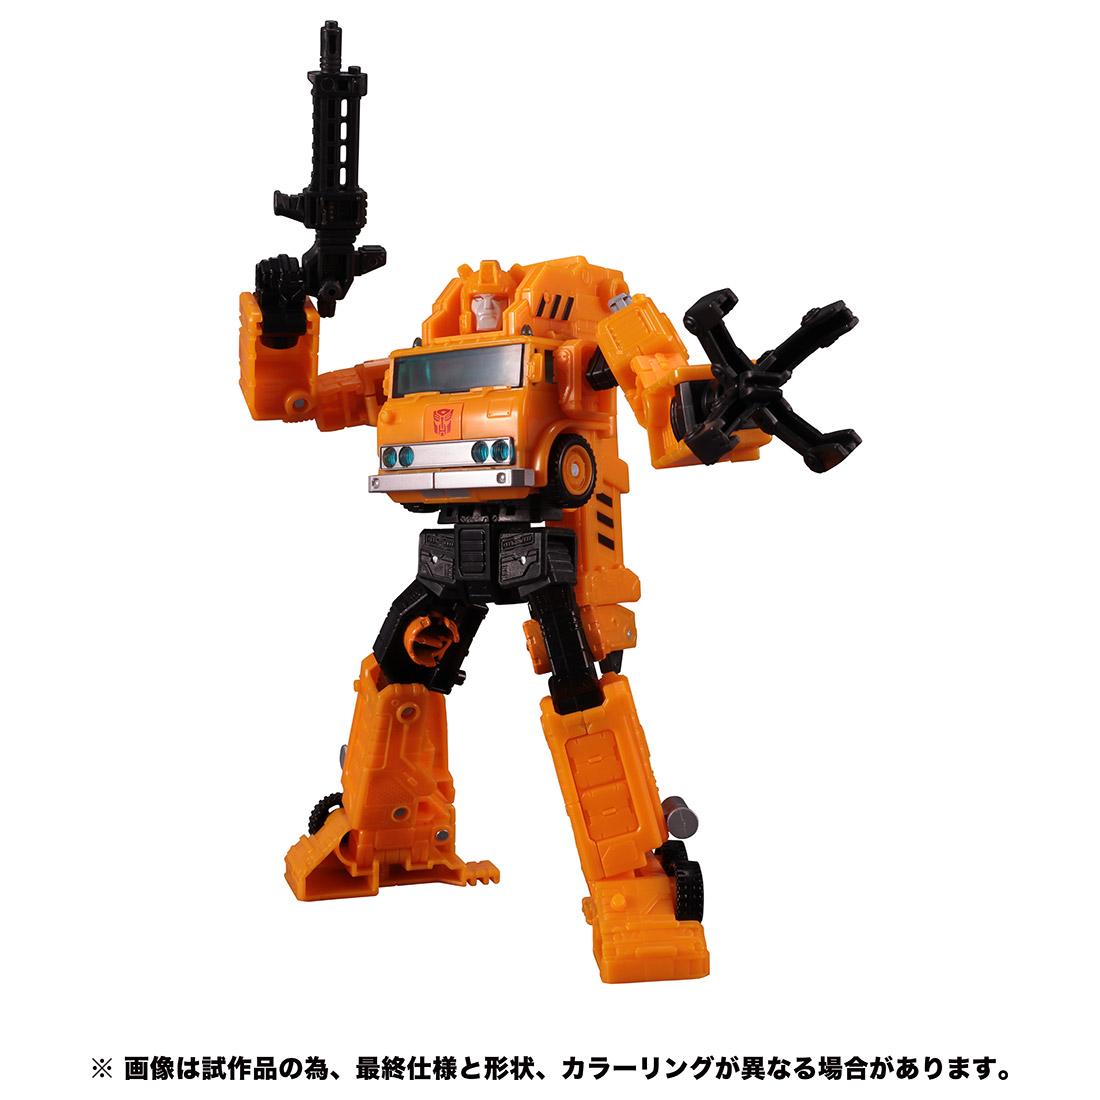 【限定販売】トランスフォーマー アースライズ『ER EX-02 グラップル』可変可動フィギュア-001